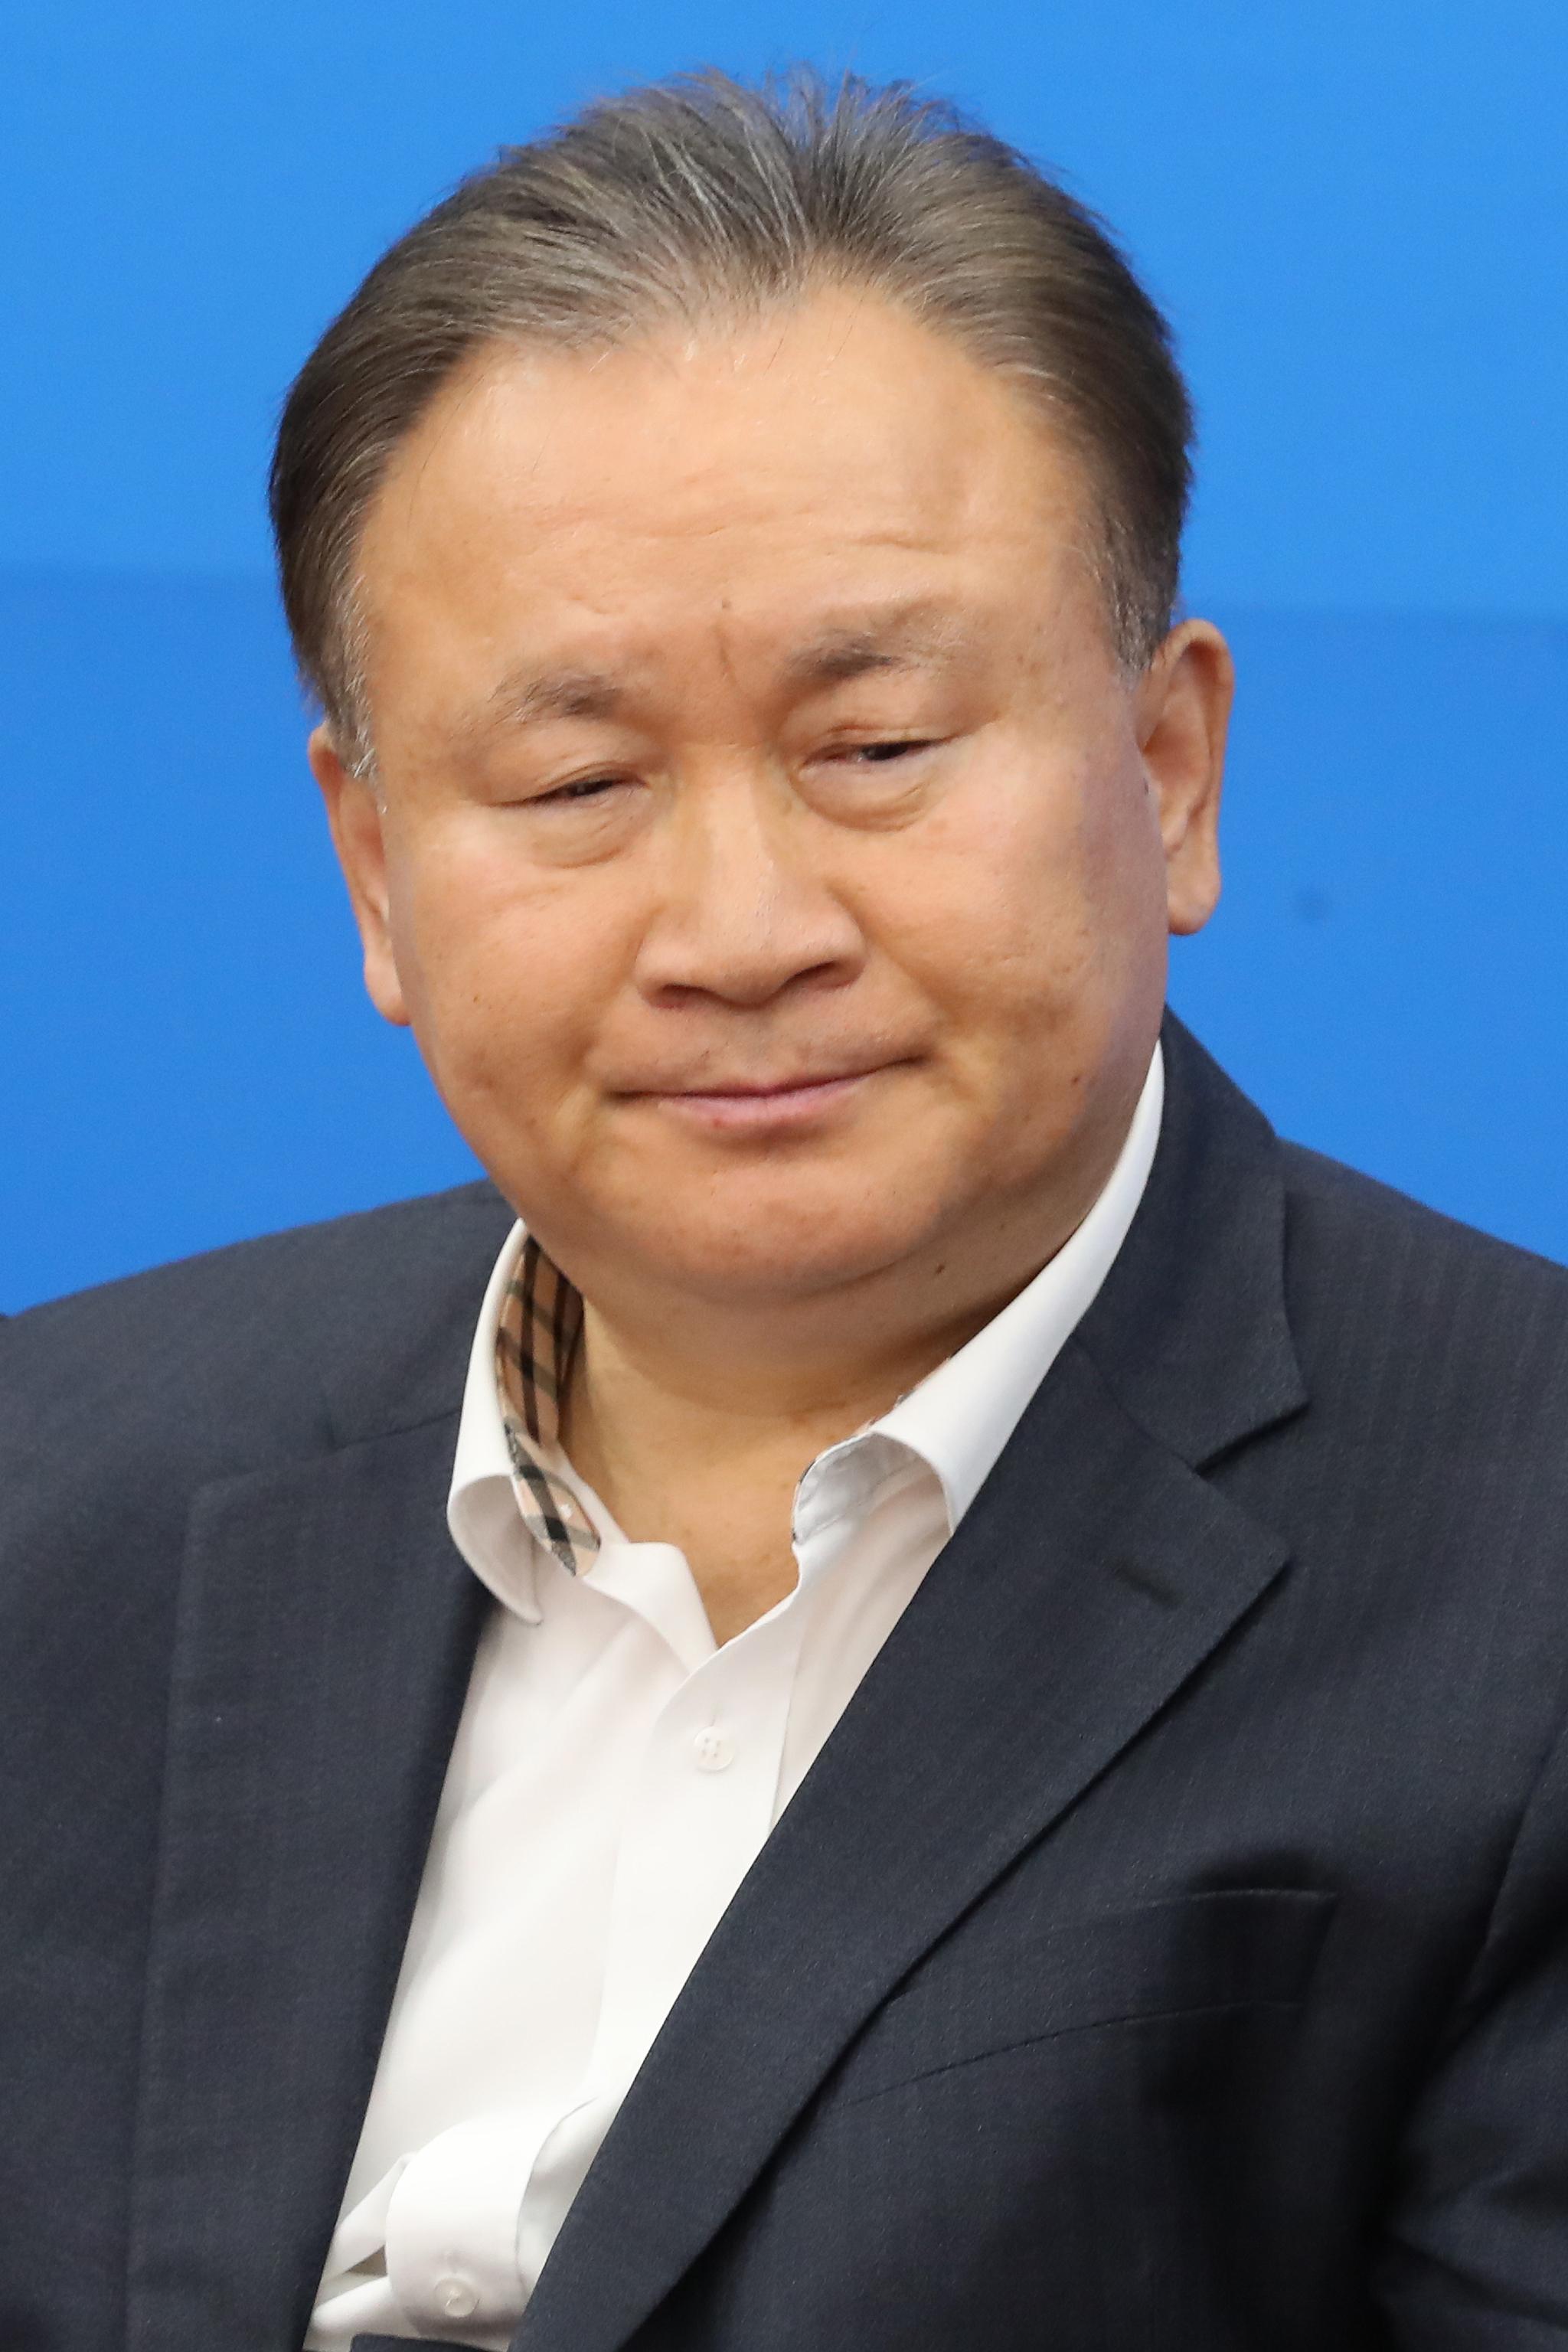 이상민 더불어민주당 검찰개혁특위 공동위원장. [뉴스1]